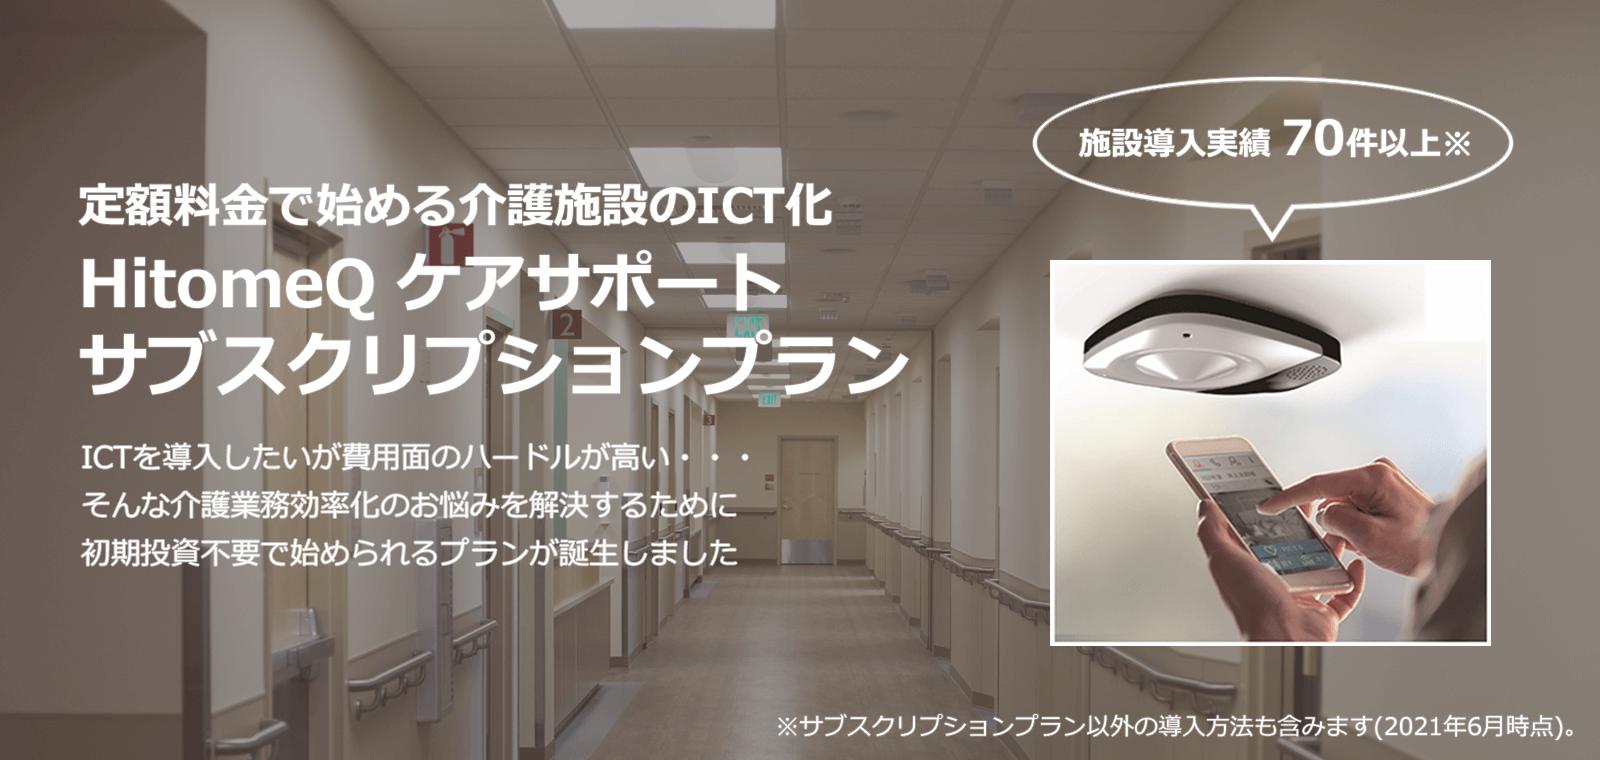 定額料金で始める介護施設のICT化 HitomeQ ケアサポートサブスクリプションプラン